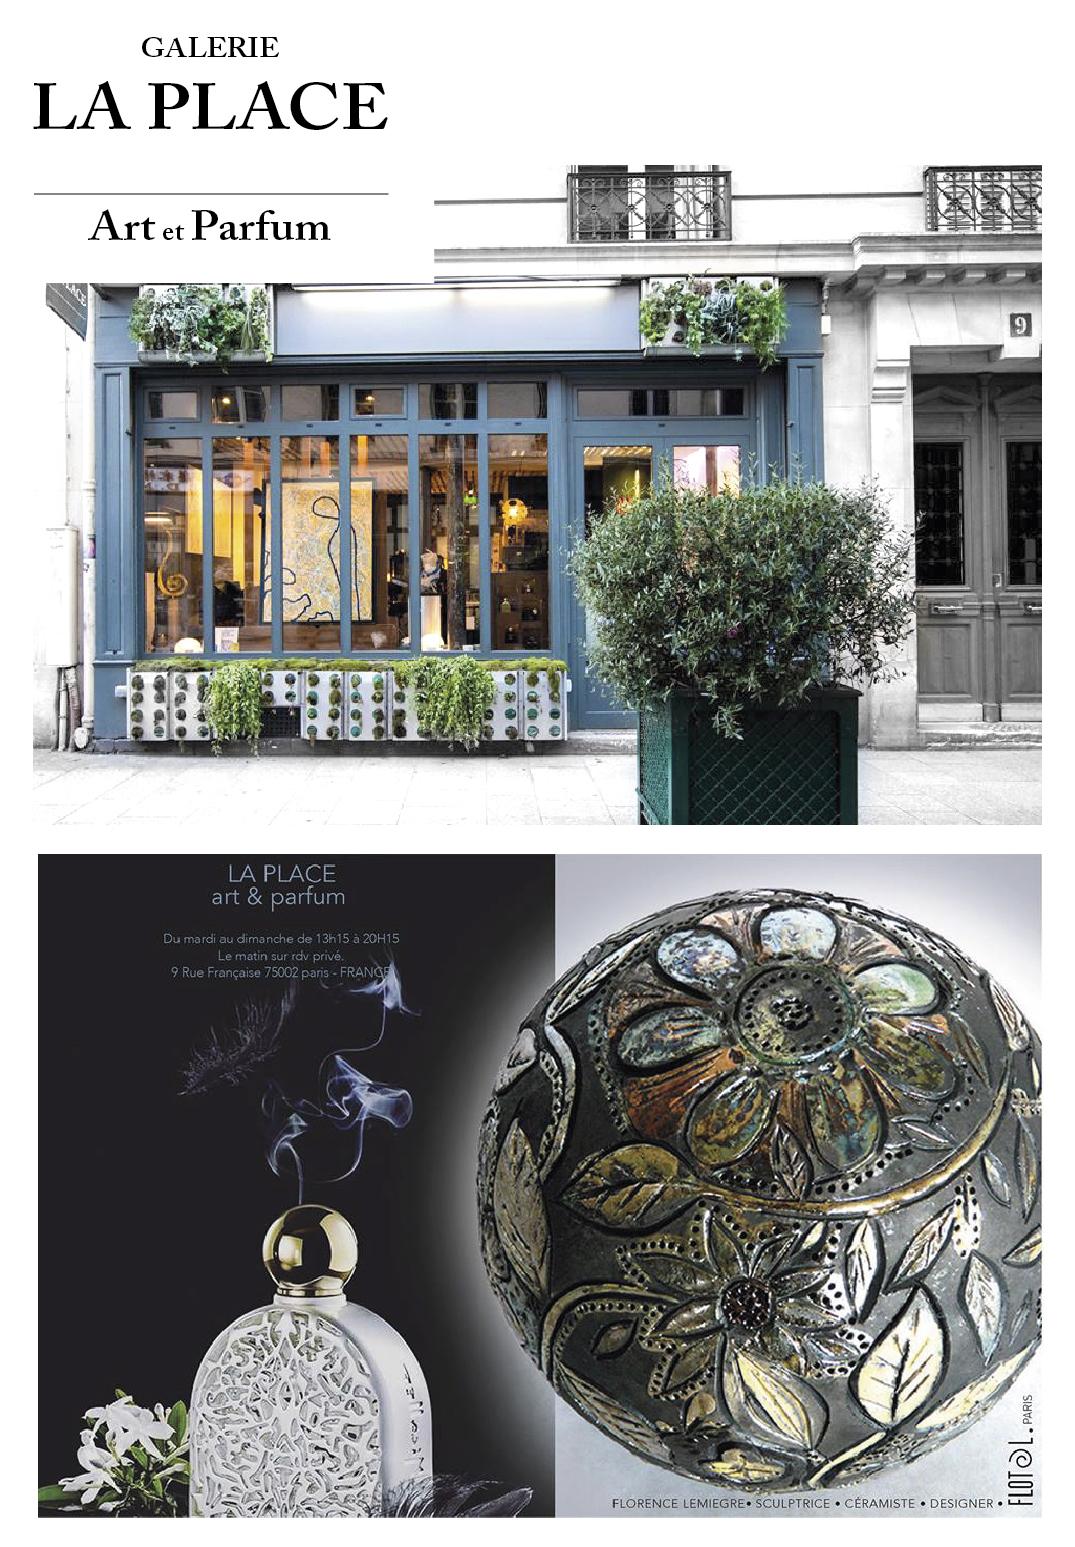 Galerie LA PLACE - Art et Parfum - Sculptures céramique de Florence Lemiegre